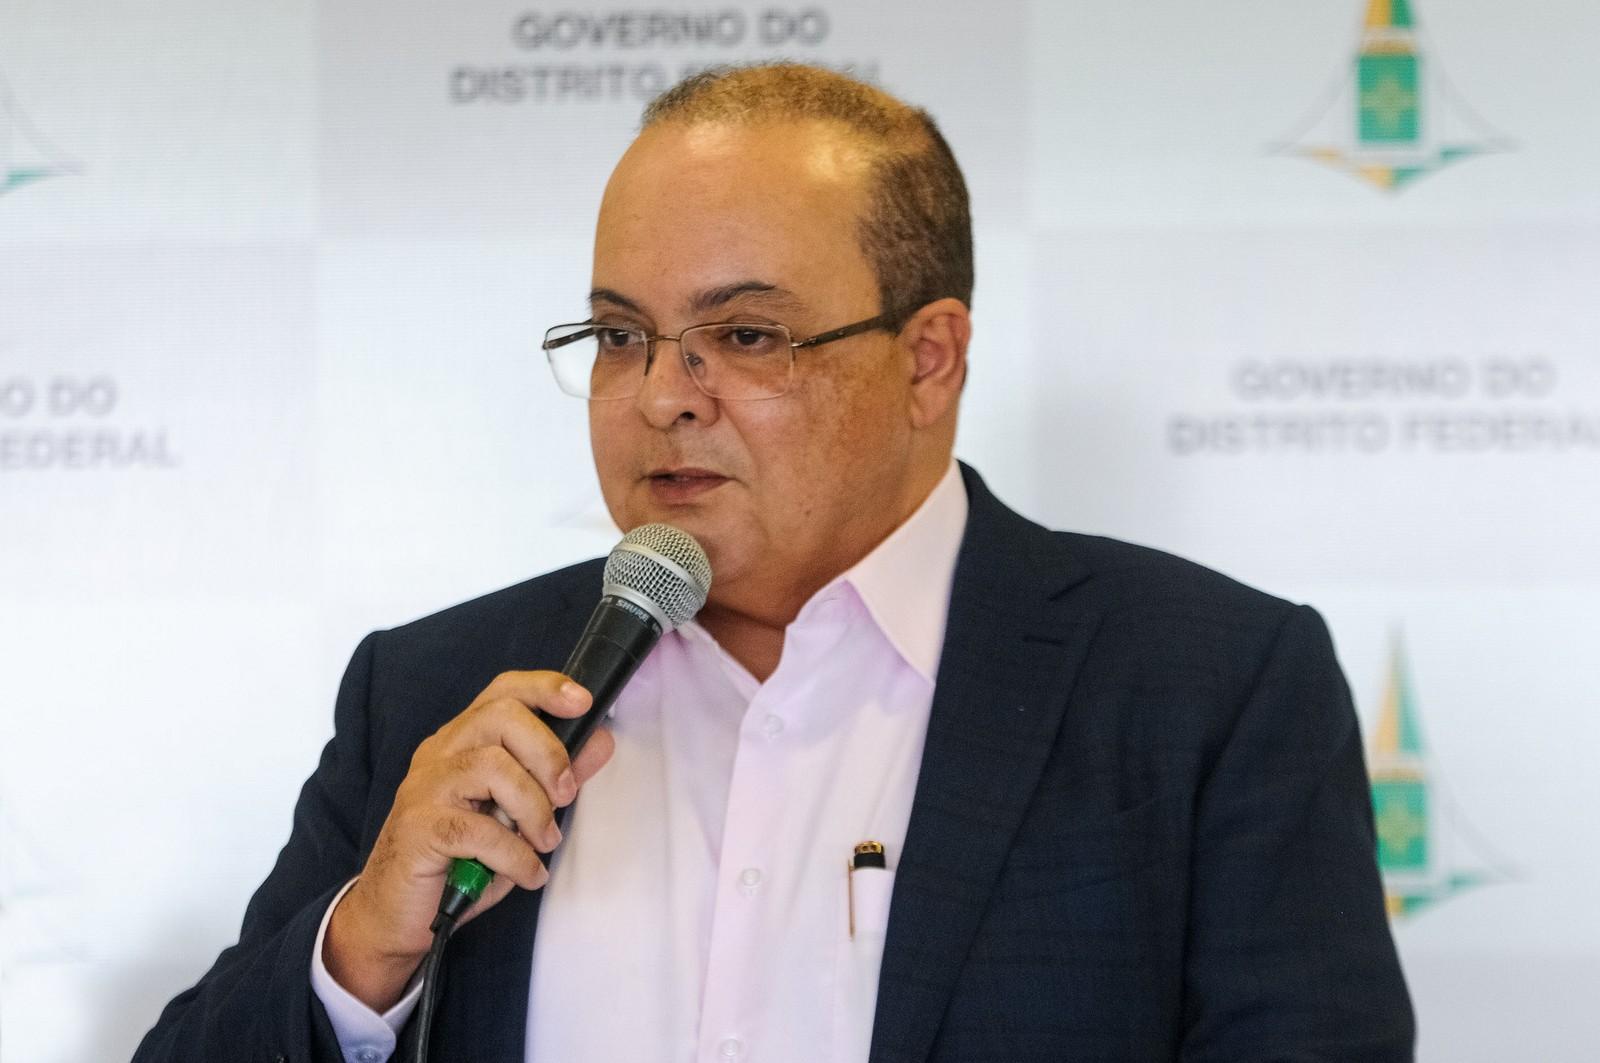 governador distrito federal ibaneis rocha radio corredor - Distritais 'destruidores'